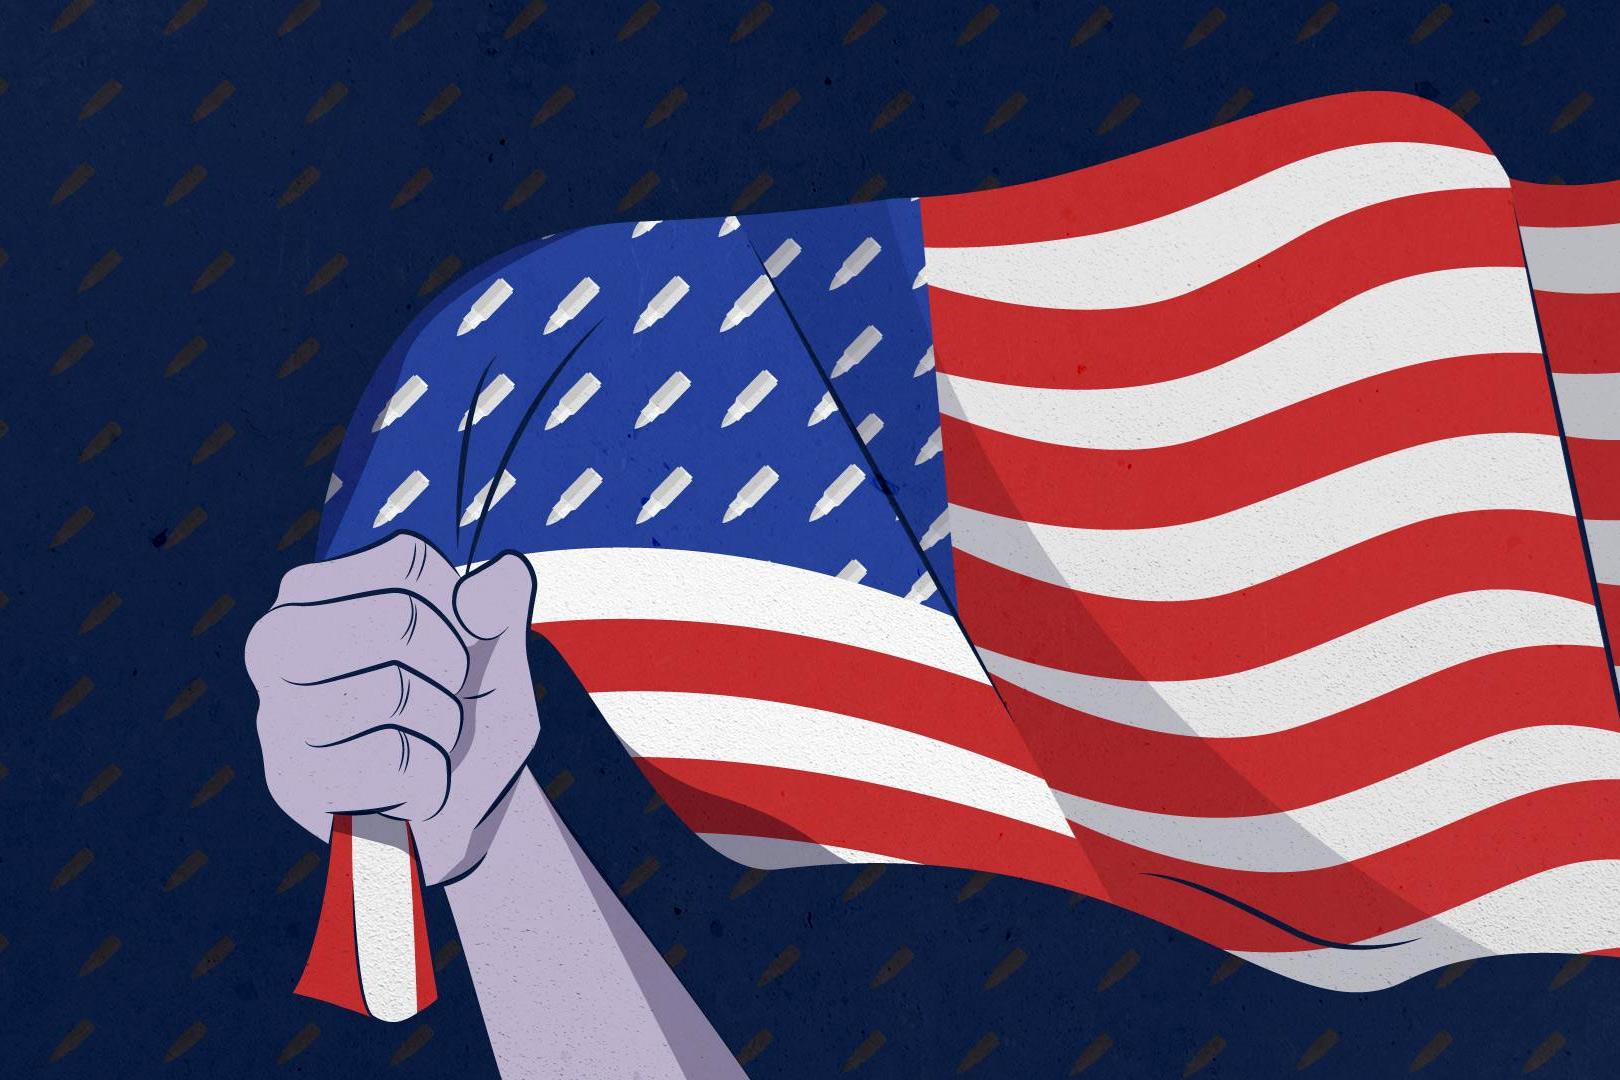 Nước Mỹ điên loạn của tôi vẫn để người dân mang súng chạy quanh